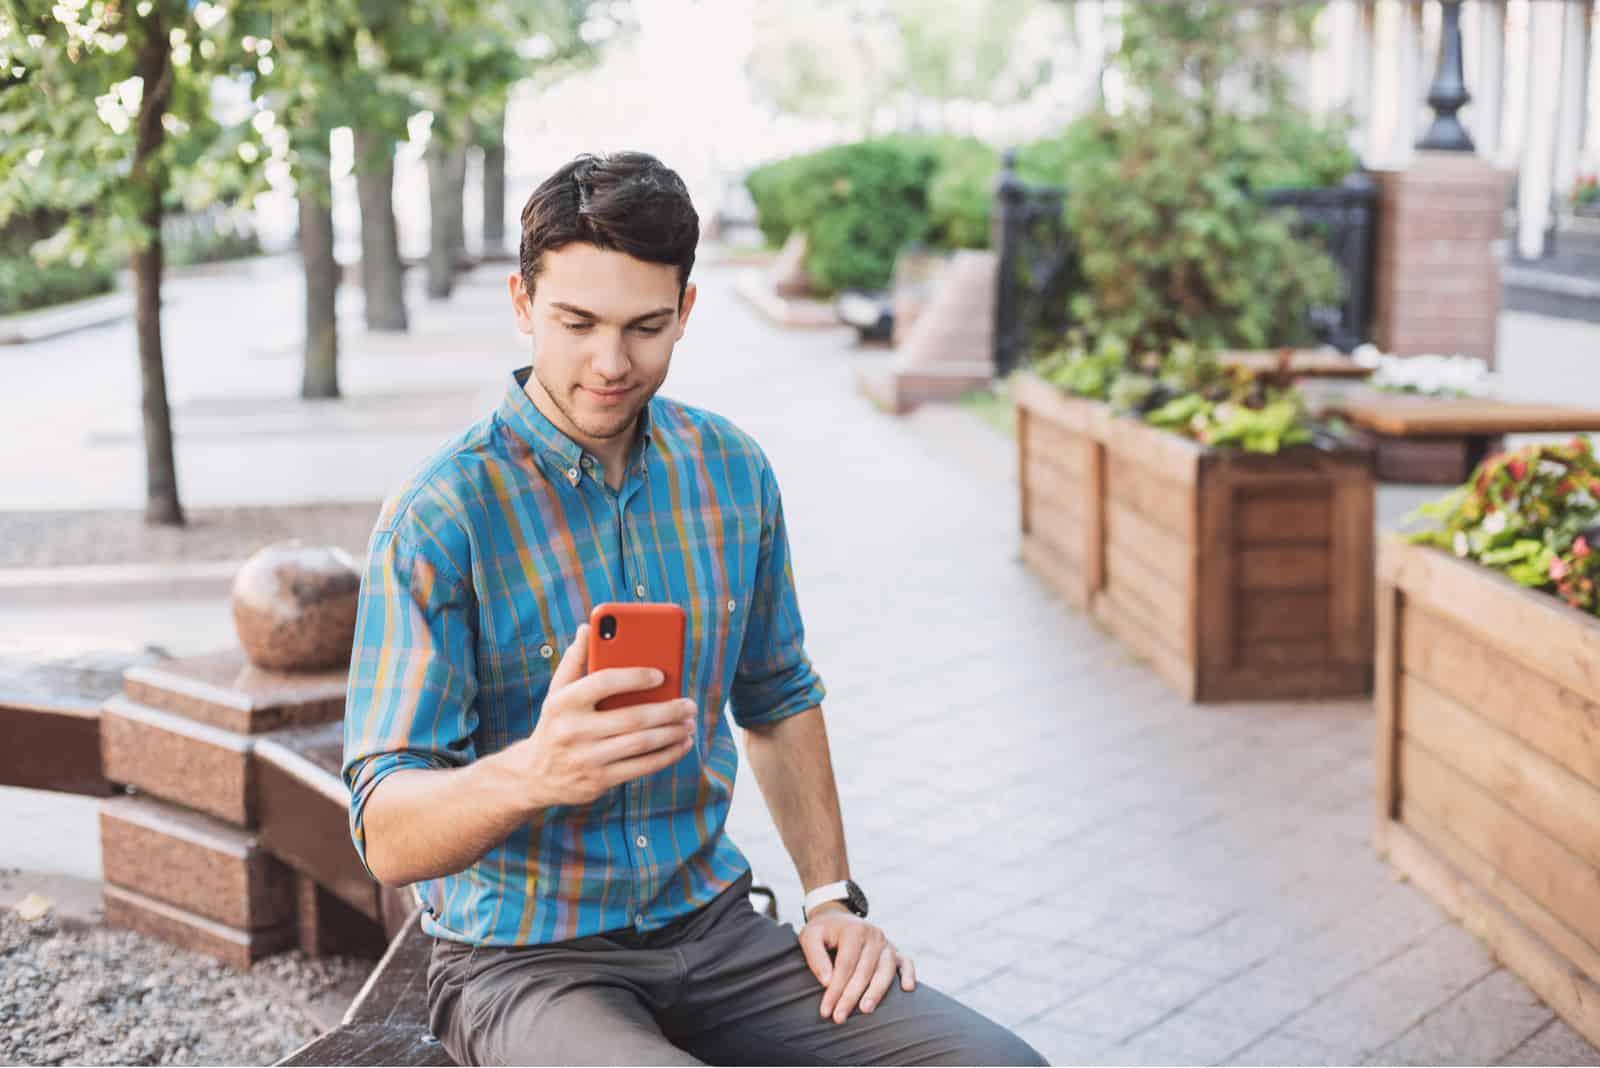 bel homme d'affaires à l'aide de smartphone dans une ville